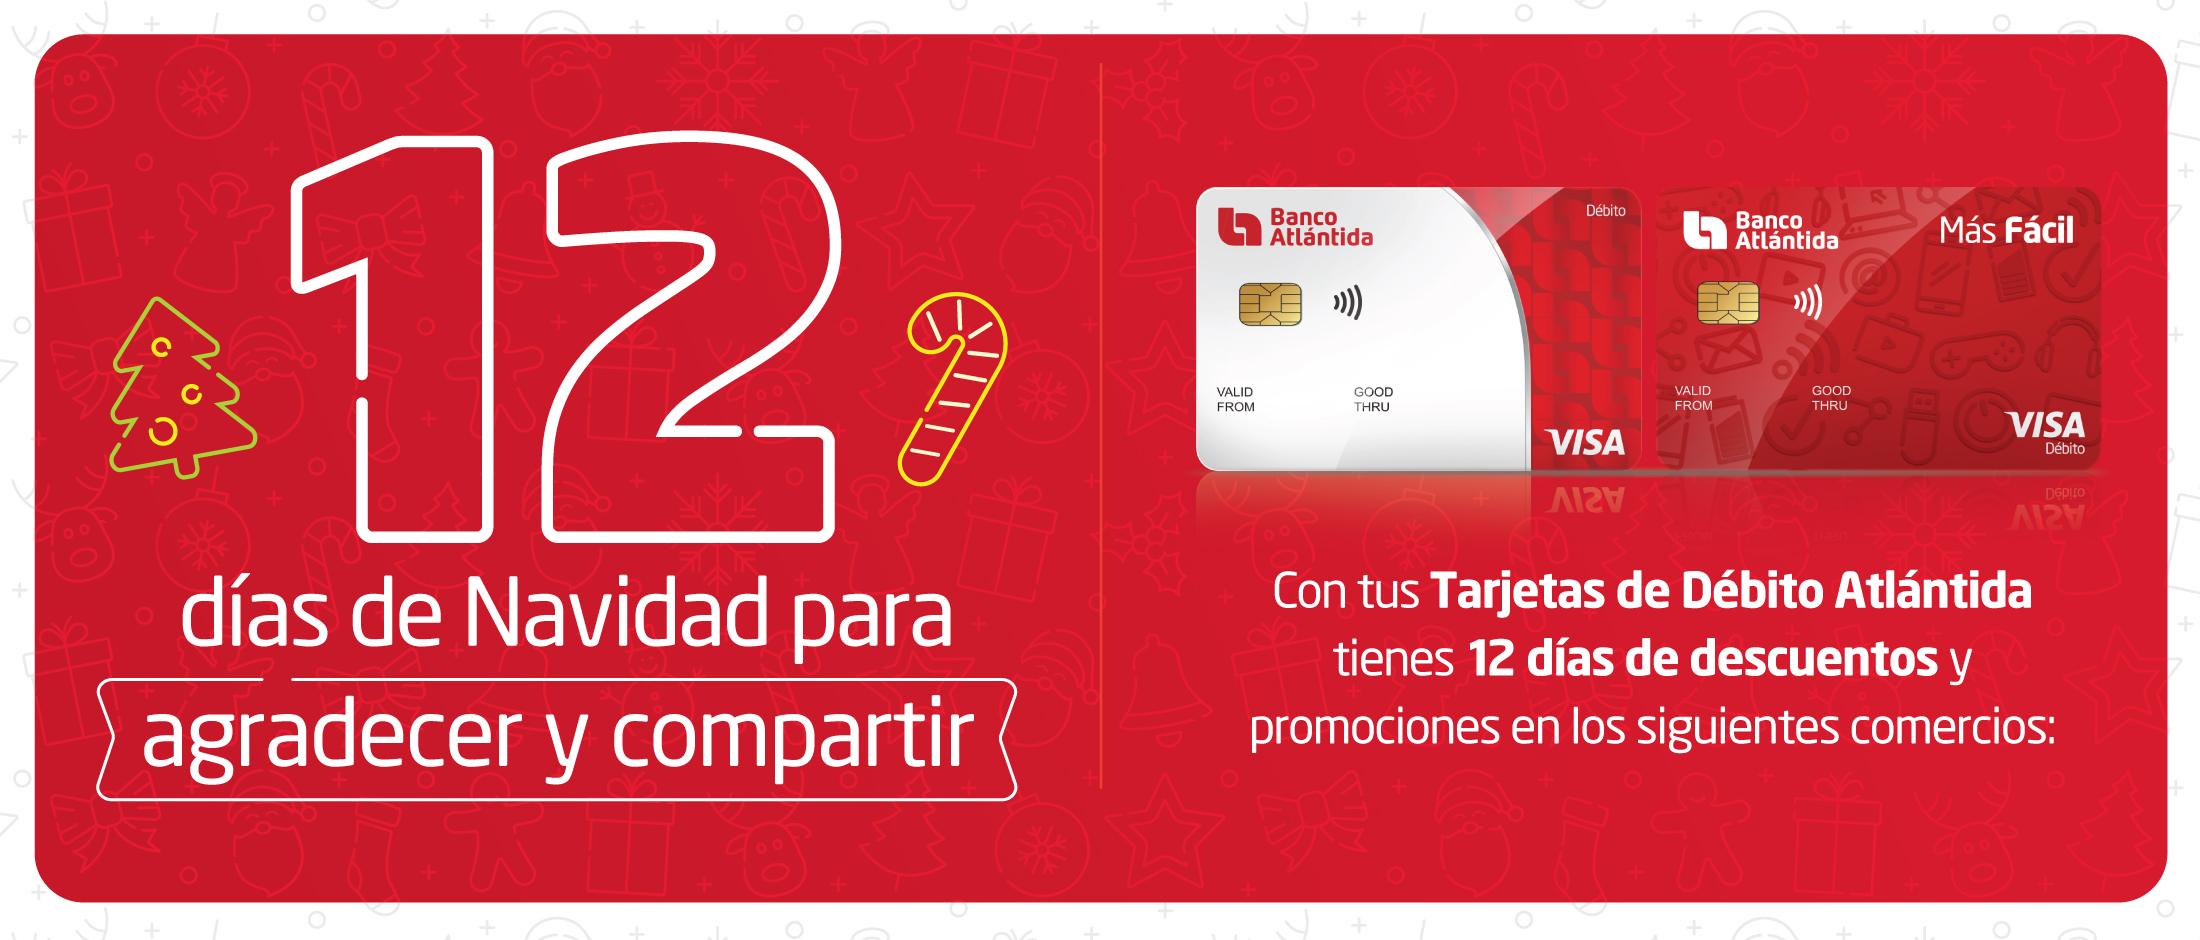 Banco Atlántida invita a sus Tarjetahabientes Débito a disfrutar de la época navideña con las mejores promociones